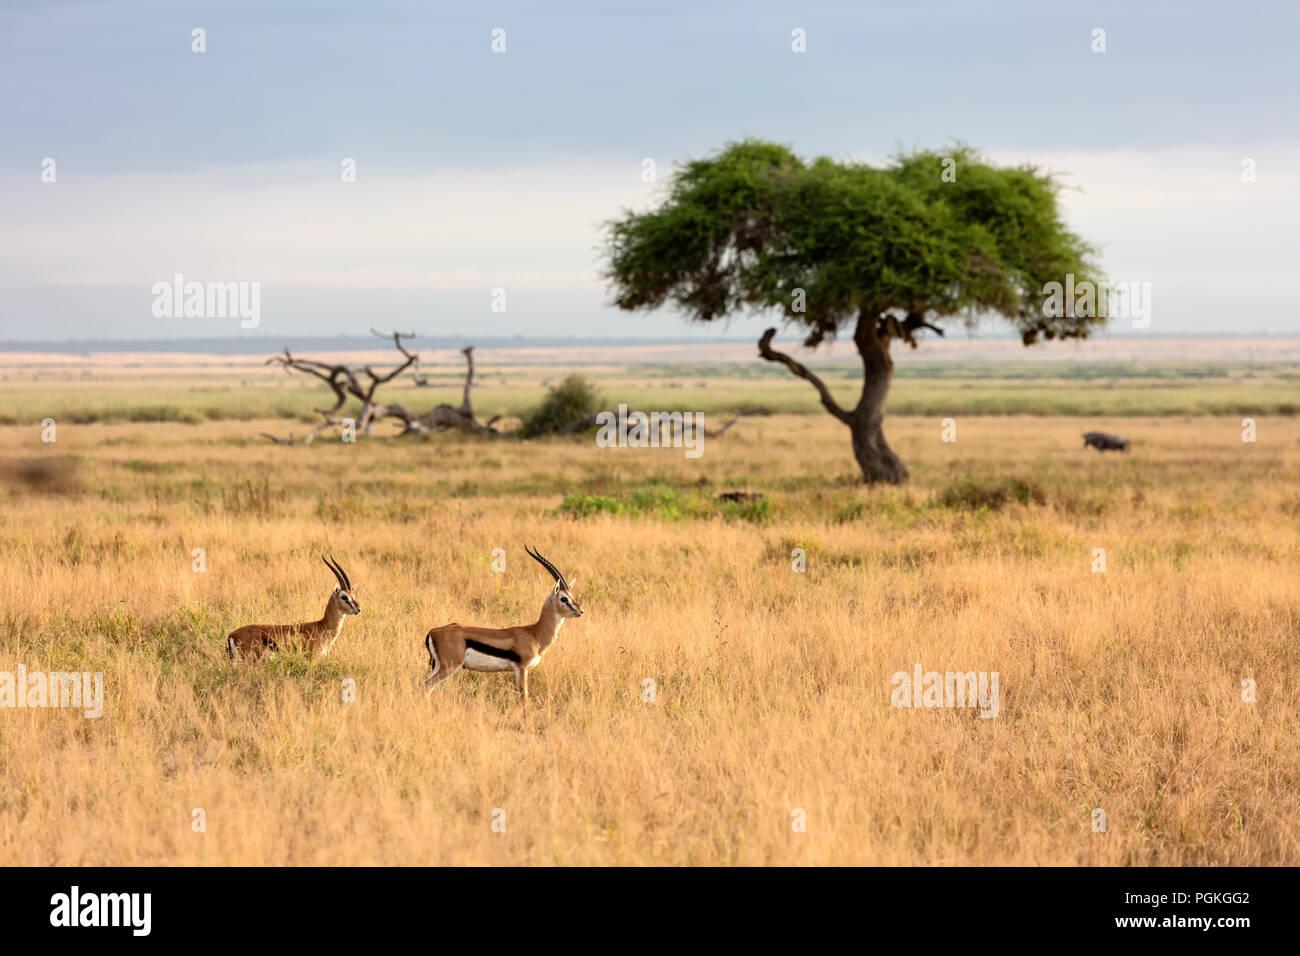 Thomson's Gazelle Amboseli National Park - Stock Image